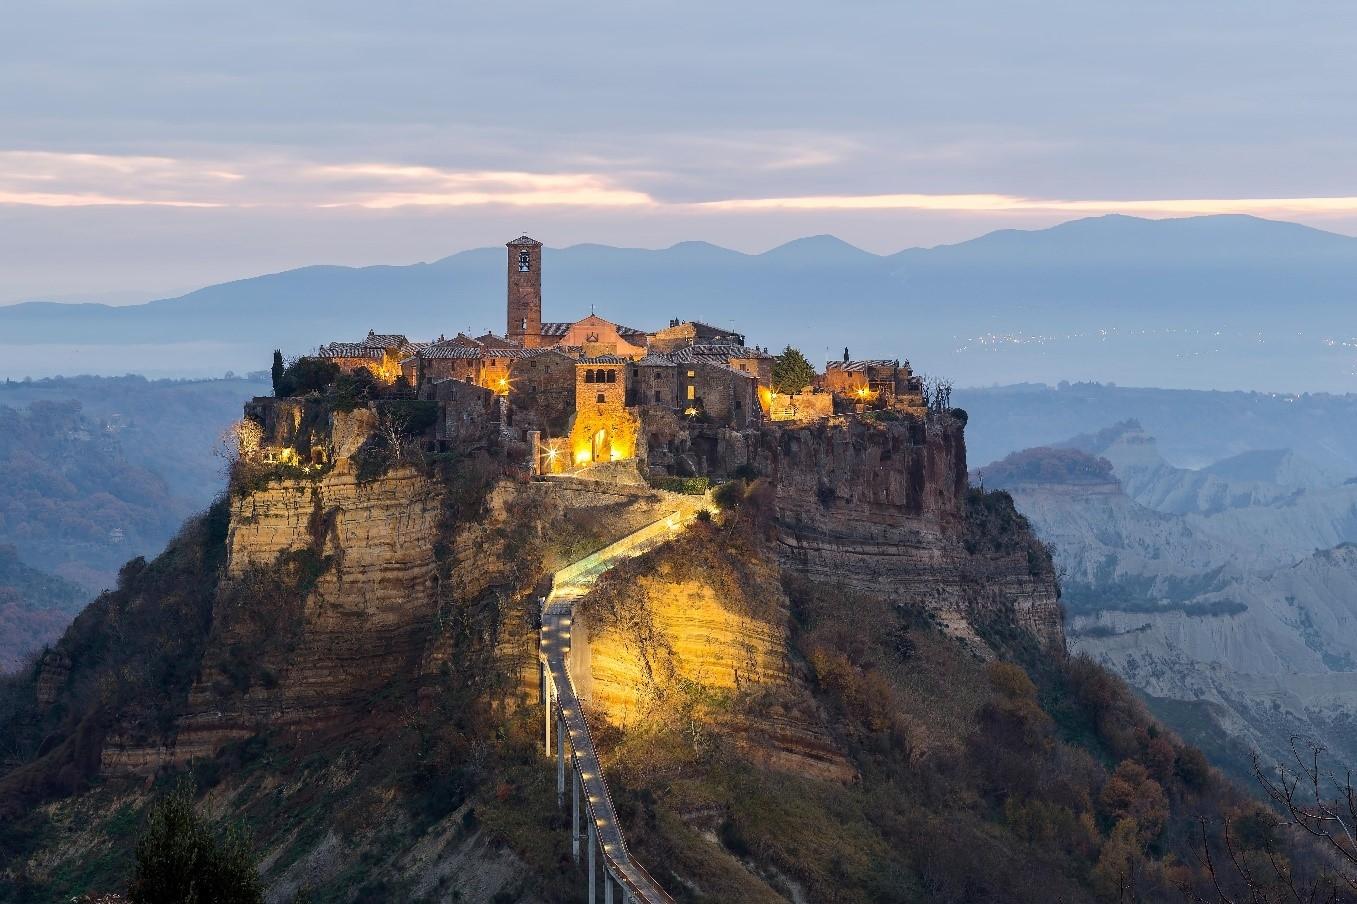 Photo: The hill town of Civita di Bagnoregio, a favourite Central Italian tourist destination for EU and Chinese visitors alike. Photo Source: Italian National Tourist Board/Regione Lazio